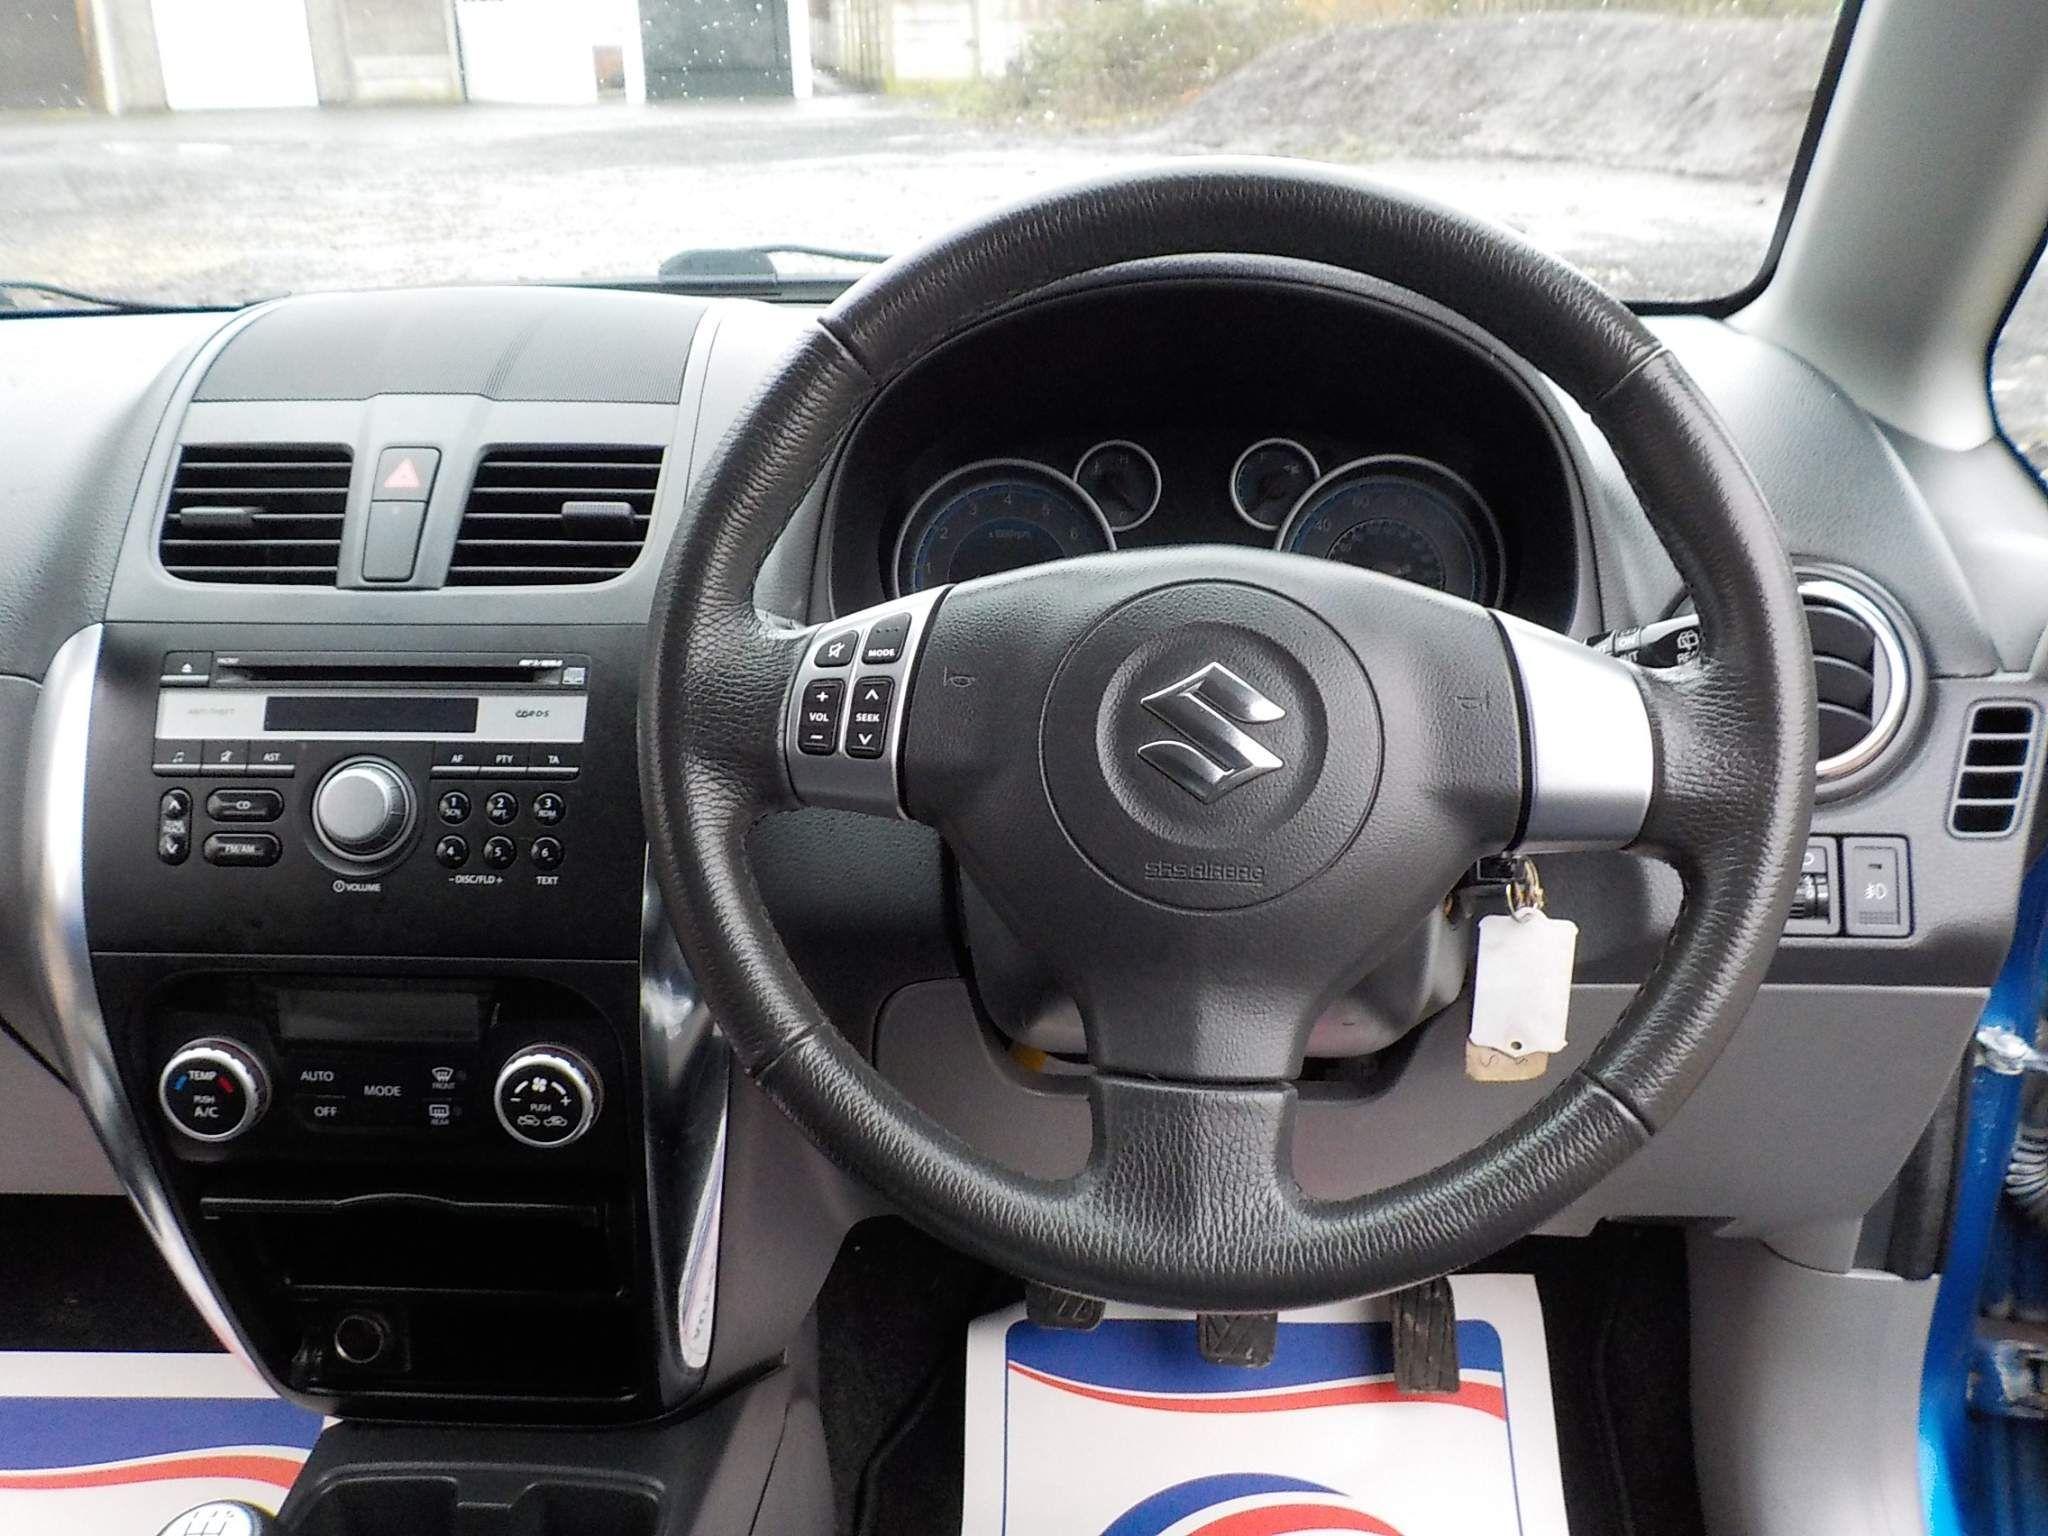 Suzuki SX4 1.6 SZ5 4x4 5dr